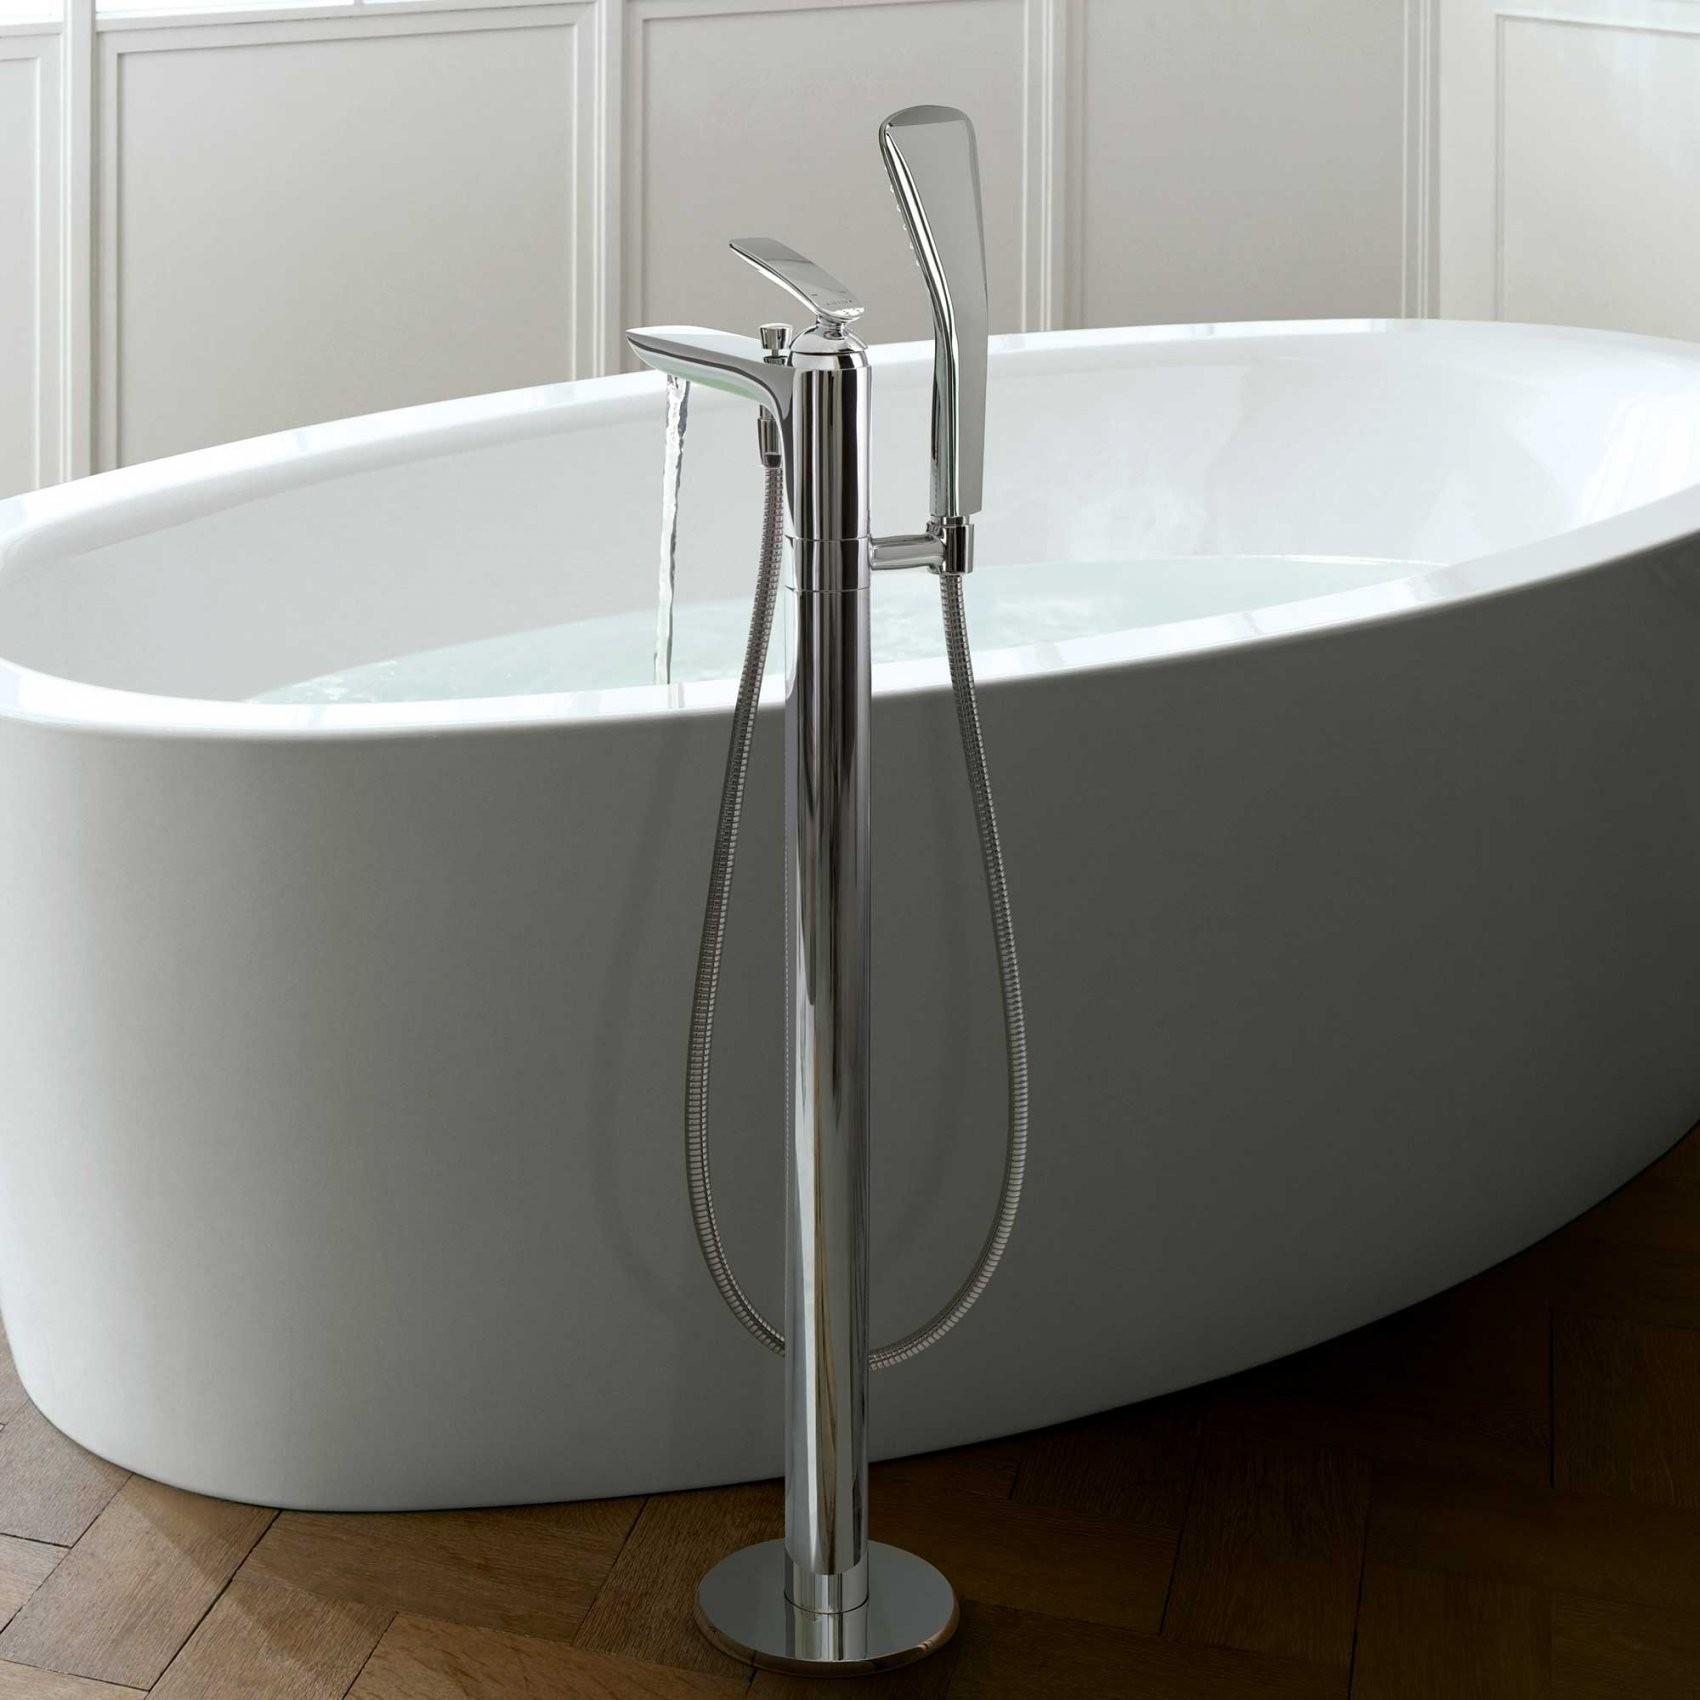 Standarmatur Für Wanne & Waschtisch Kaufen  Emero von Standarmatur Freistehende Badewanne Bild